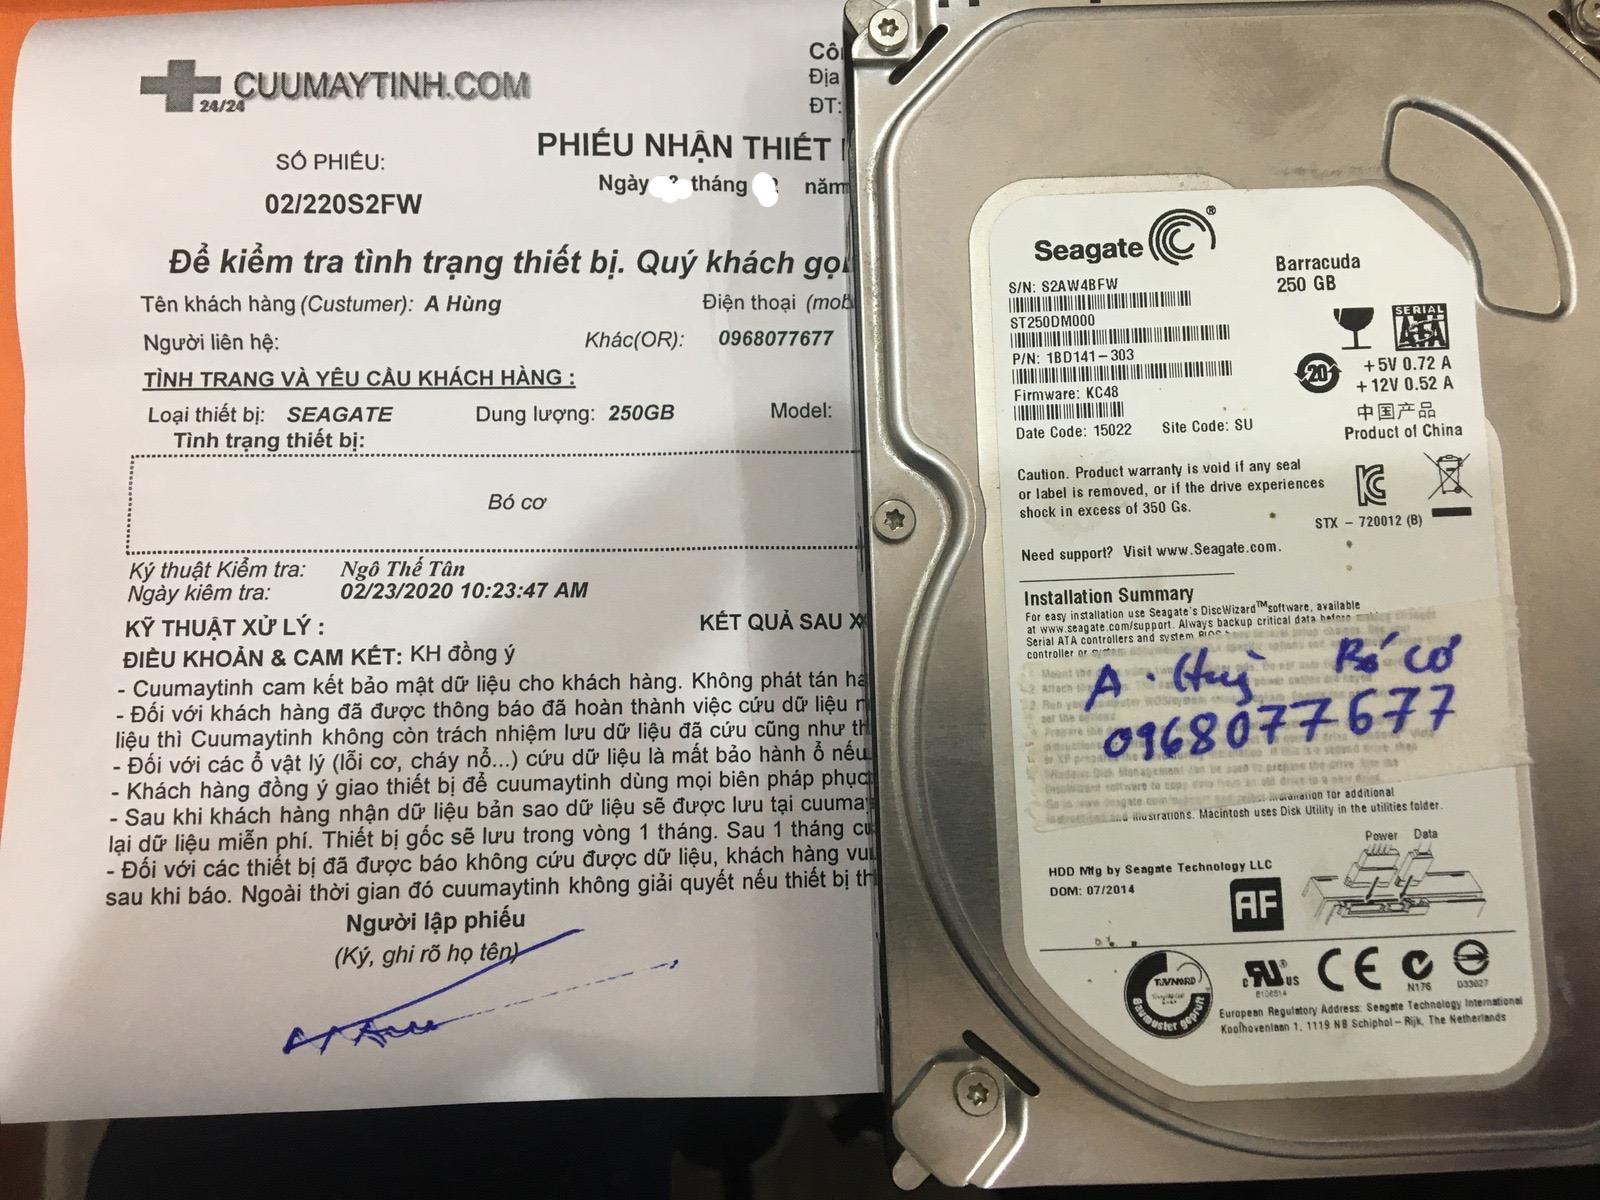 Khôi phục dữ liệu ổ cứng Seagate 250GB bó cơ 06/03/2020 - cuumaytinh